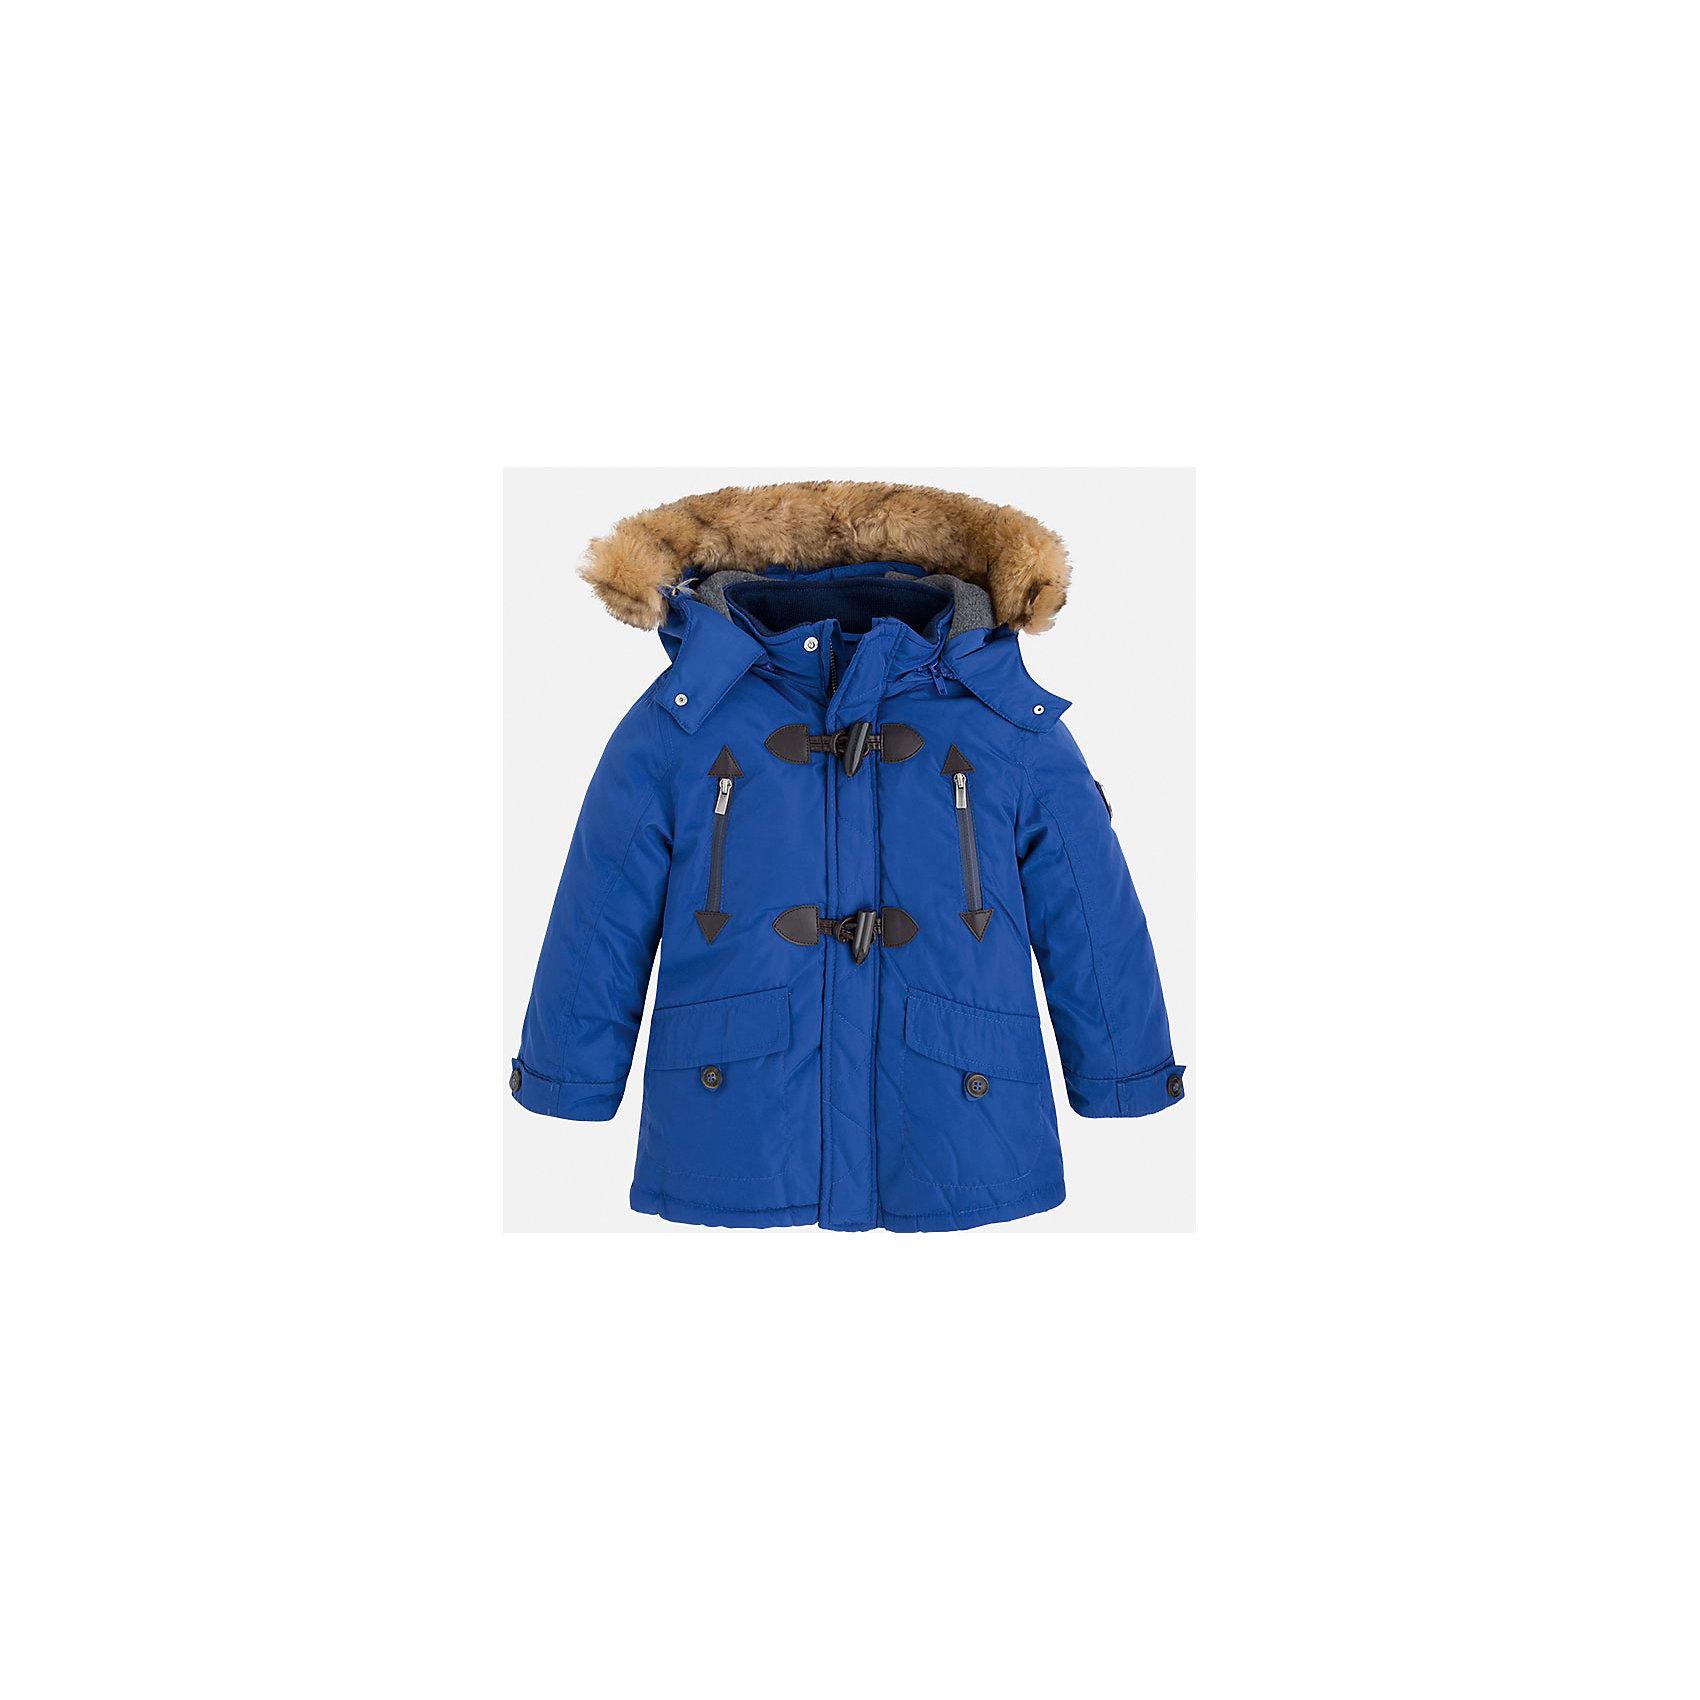 Жакет для мальчика MayoralДемисезонные куртки<br>Скоро осень, а значит Вашему малышу  понадобиться что-нибудь теплое. Значит, Вам прекрасно подойдет яркая, а главное, теплая куртка Mayoral!<br>Порадуйте своего модника хорошим подарком!<br><br>Дополнительная информация:<br><br>- Крой: прямой крой, расклешенный к низу.<br>- Страна бренда: Испания.<br>- Состав: <br>Верхняя ткань: полиэстер 100%.<br>Подкладка: полиэстер 100%.<br>Наполнитель: полиэстер 100%.<br>- Цвет: синий.<br>- Уход: бережная стирка при 30 градусах.<br><br>Купить куртку для мальчика Mayoral можно в нашем магазине.<br><br>Ширина мм: 190<br>Глубина мм: 74<br>Высота мм: 229<br>Вес г: 236<br>Цвет: лиловый<br>Возраст от месяцев: 48<br>Возраст до месяцев: 60<br>Пол: Мужской<br>Возраст: Детский<br>Размер: 110,128,122,116,104,98,134<br>SKU: 4821985